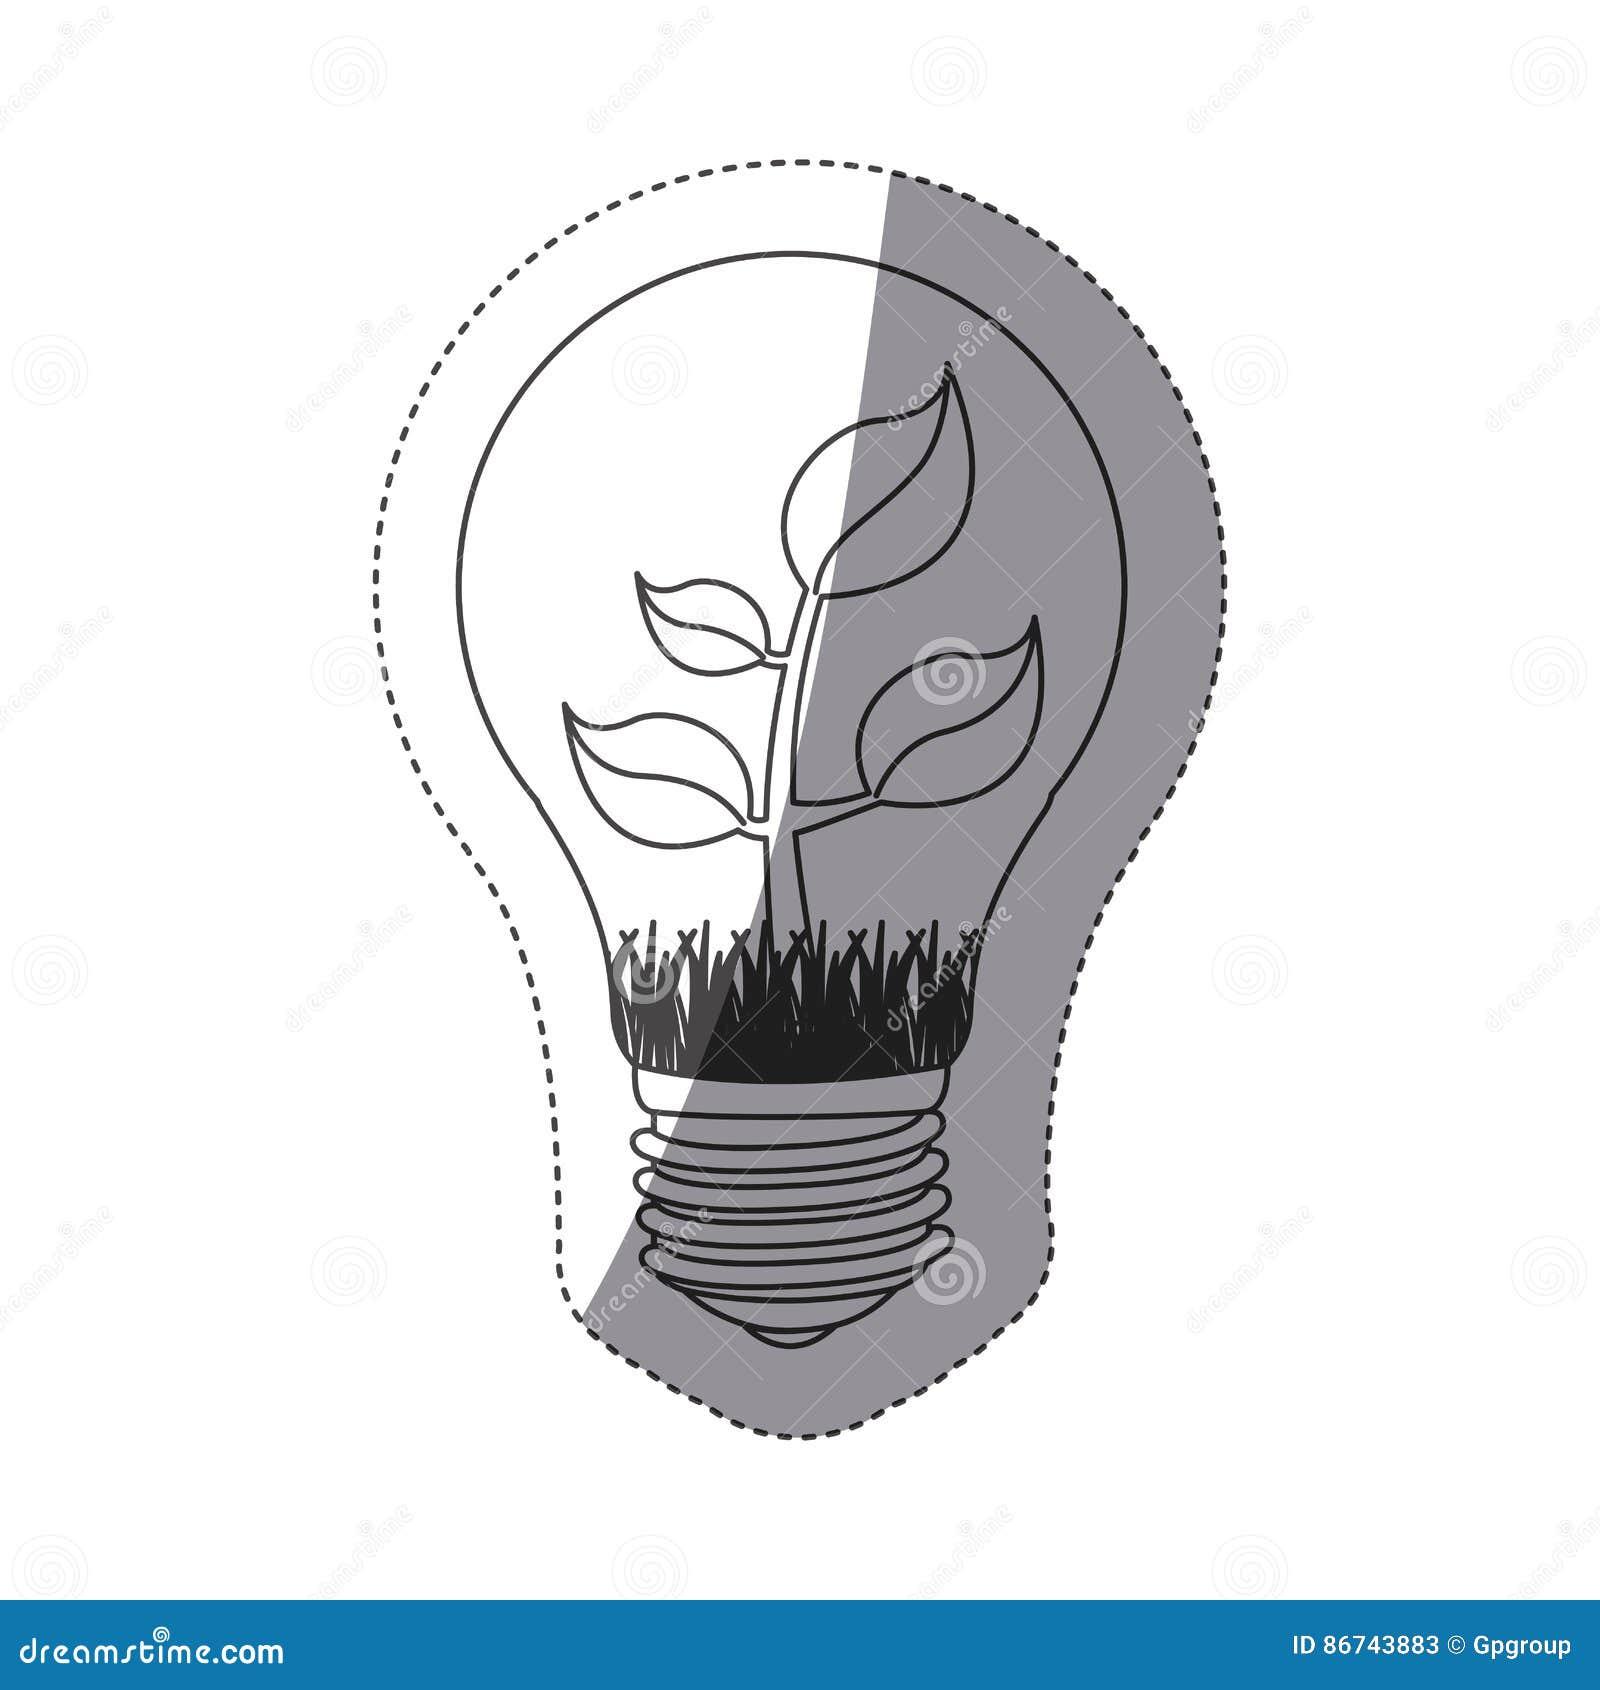 Grayscalekonturnaufkleber mit Birnenlicht und -anlage mit Stamm und Blättern